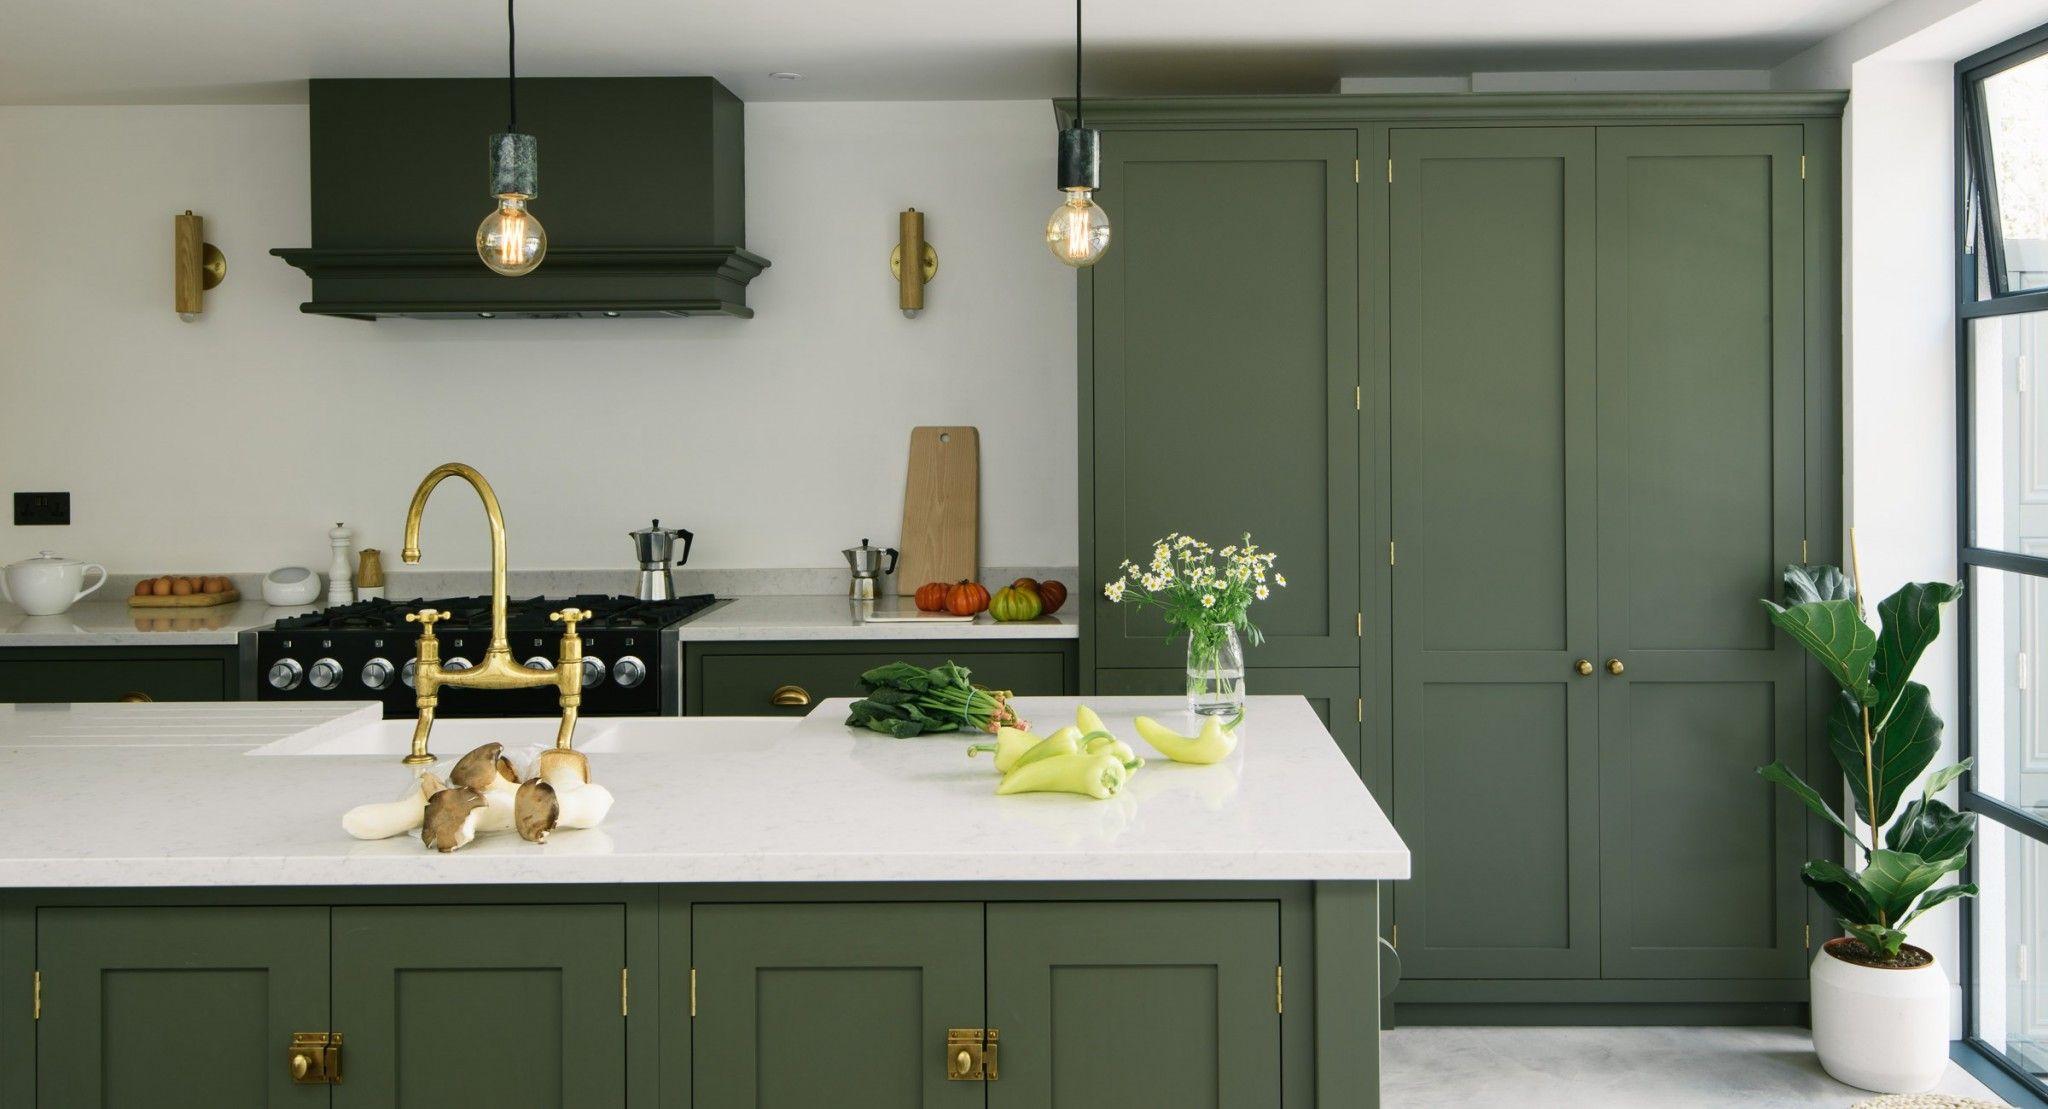 Anatomy of a Green Kitchen Interior design